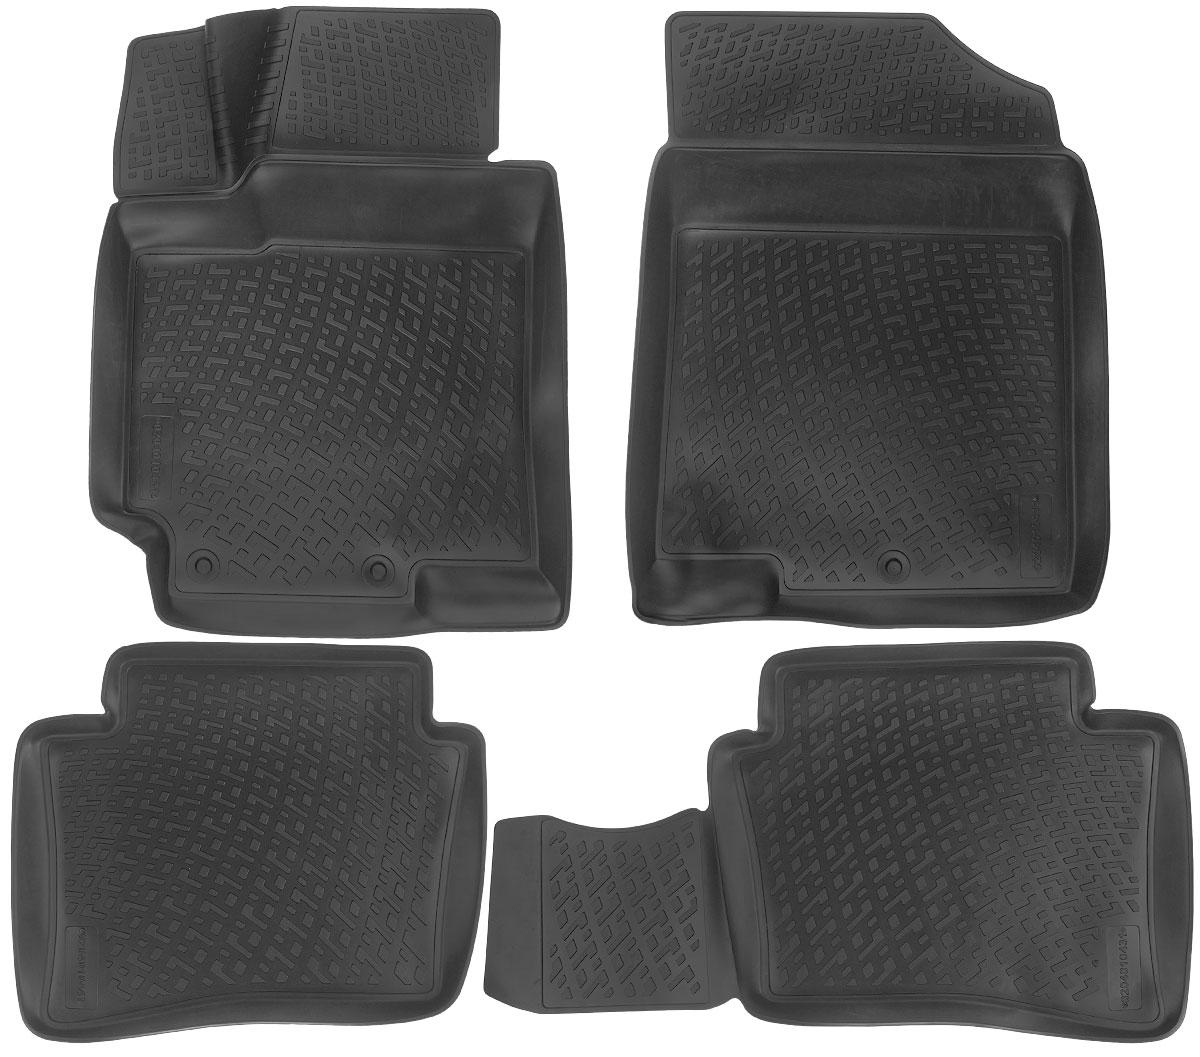 Набор автомобильных ковриков L.Locker Hyundai Accent IV 2010, в салон, 4 штdaf049Набор L.Locker Hyundai Accent IV 2010, изготовленный из полиуретана, состоит из 4 антискользящих 3D ковриков, которые производятся индивидуально для каждой модели автомобиля. Изделие точно повторяет геометрию пола автомобиля, имеет высокий борт, обладает повышенной износоустойчивостью, лишено резкого запаха и сохраняет свои потребительские свойства в широком диапазоне температур от -50°С до +50°С. Комплектация: 4 шт.Размер ковриков: 75 см х 56 см; 84 см х 45 см; 56 см х 46 см; 73 см х 56 см.